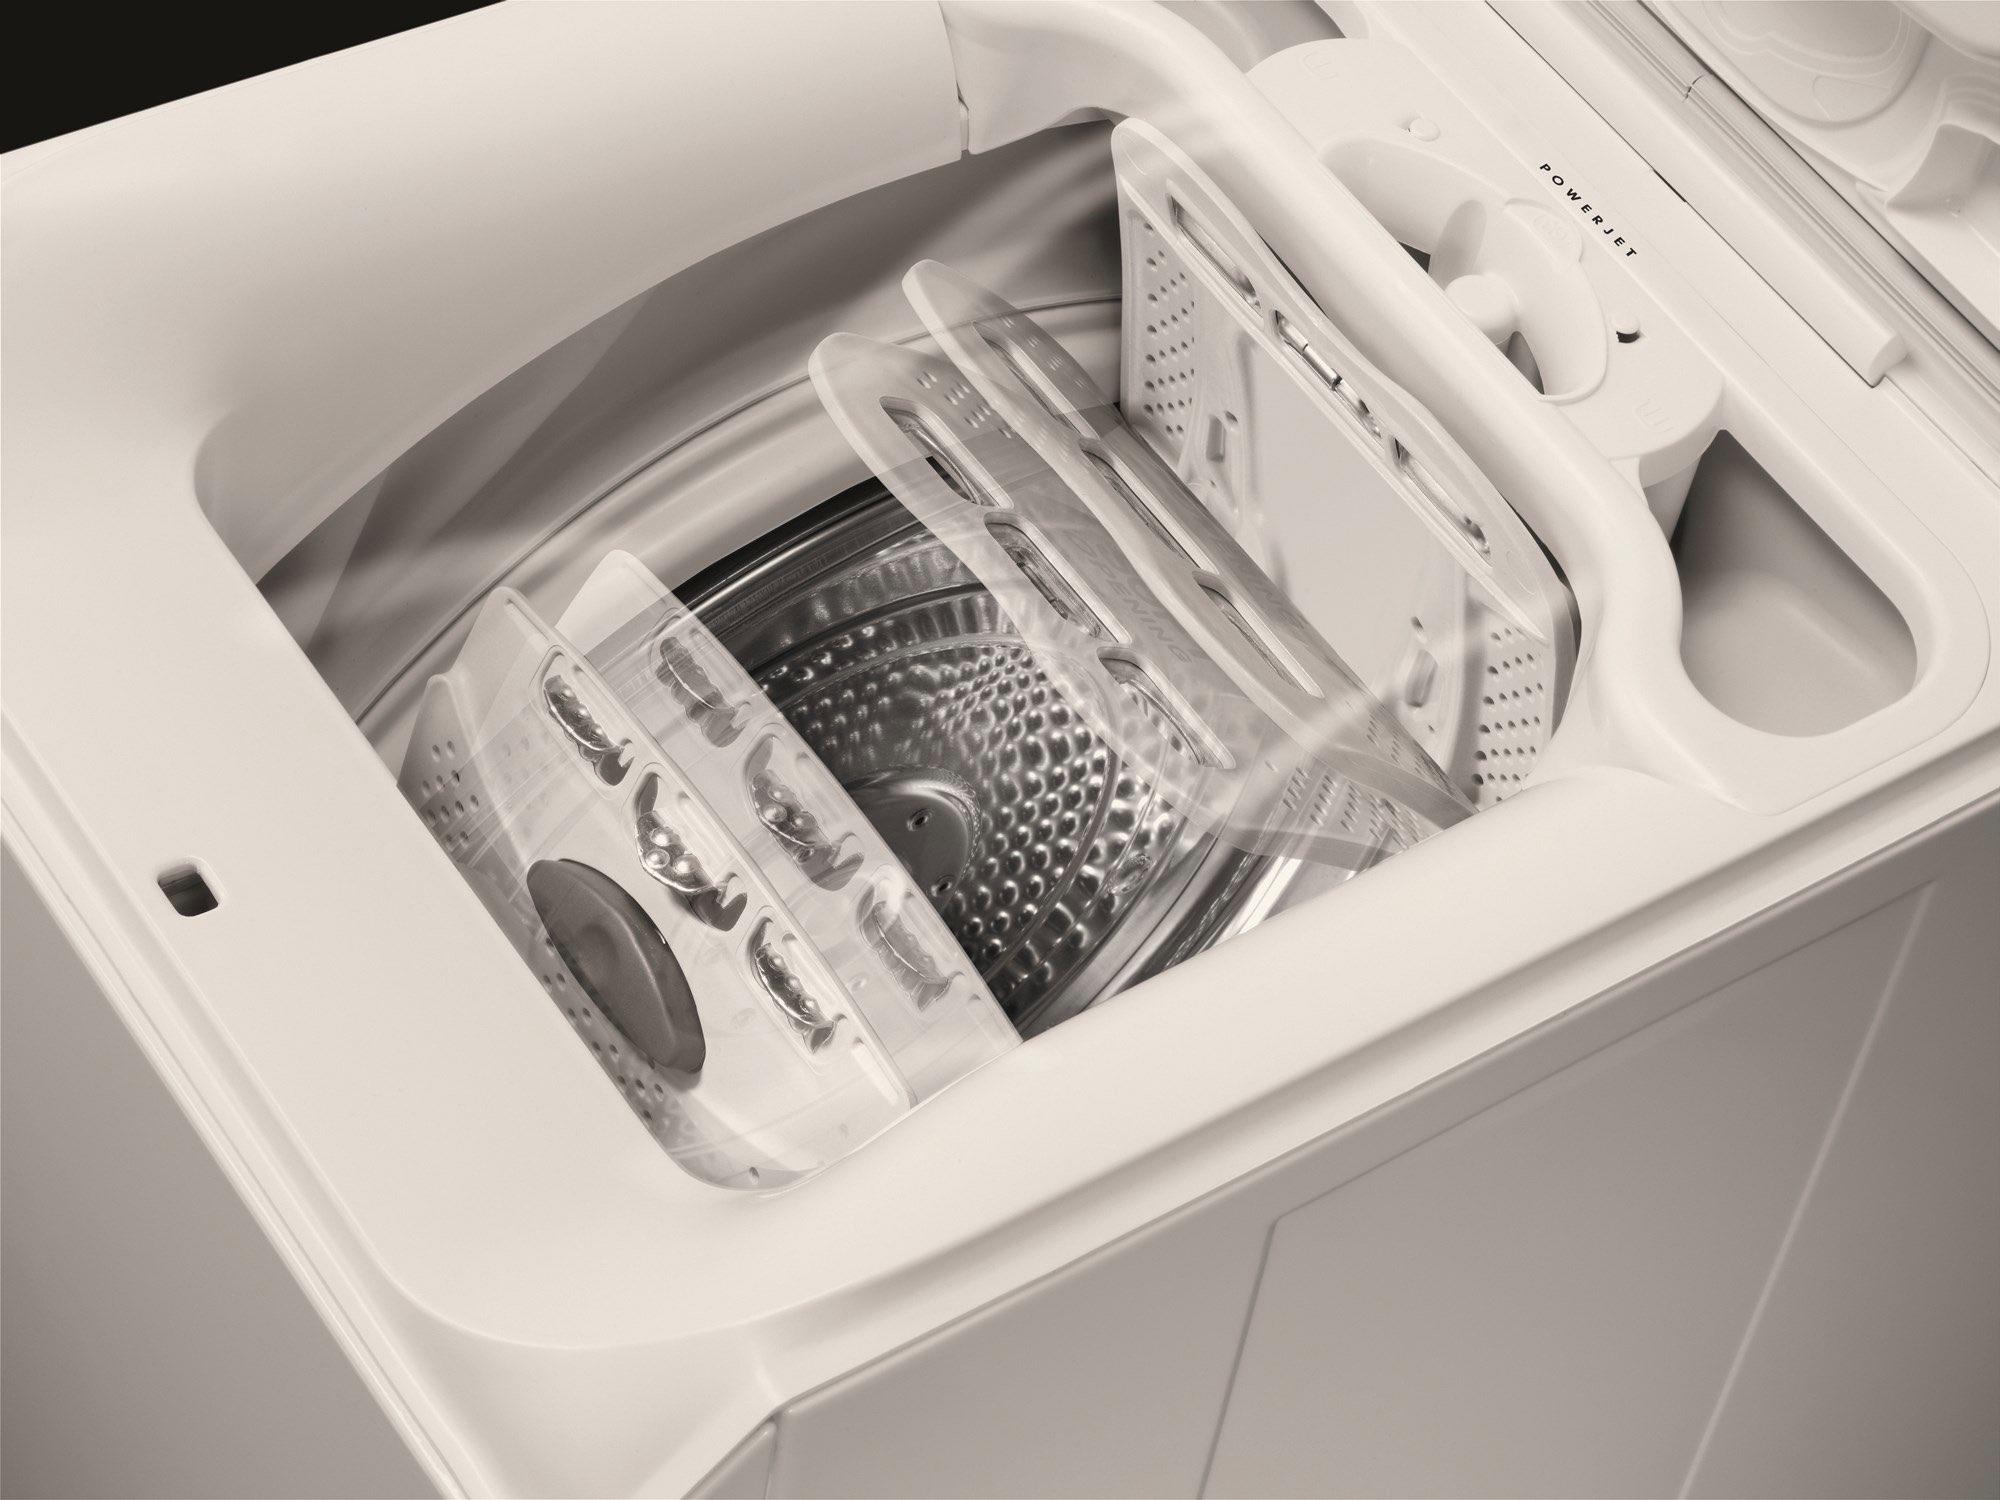 Lavatrice Carica Dallalto Miglior Prezzo. Great Lavatrice Electrolux ...